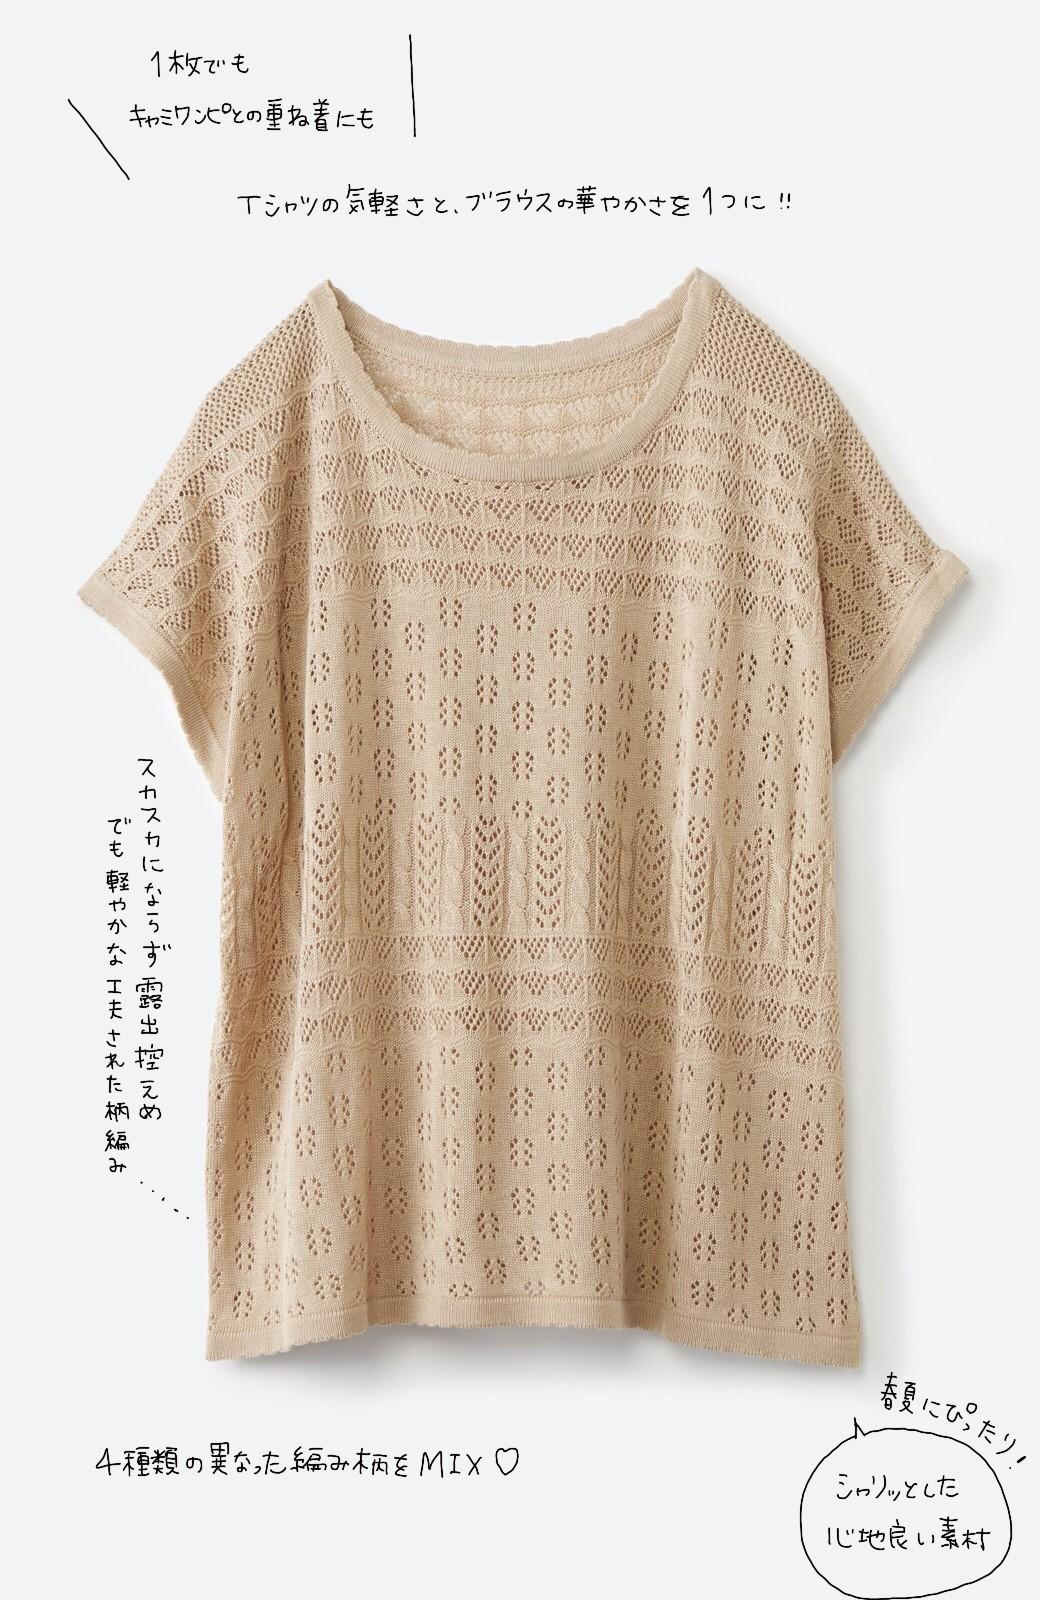 haco! 1枚でも重ね着にも便利なヘビロテしたくなる透かし編みニットトップス <ライトブラウン>の商品写真2